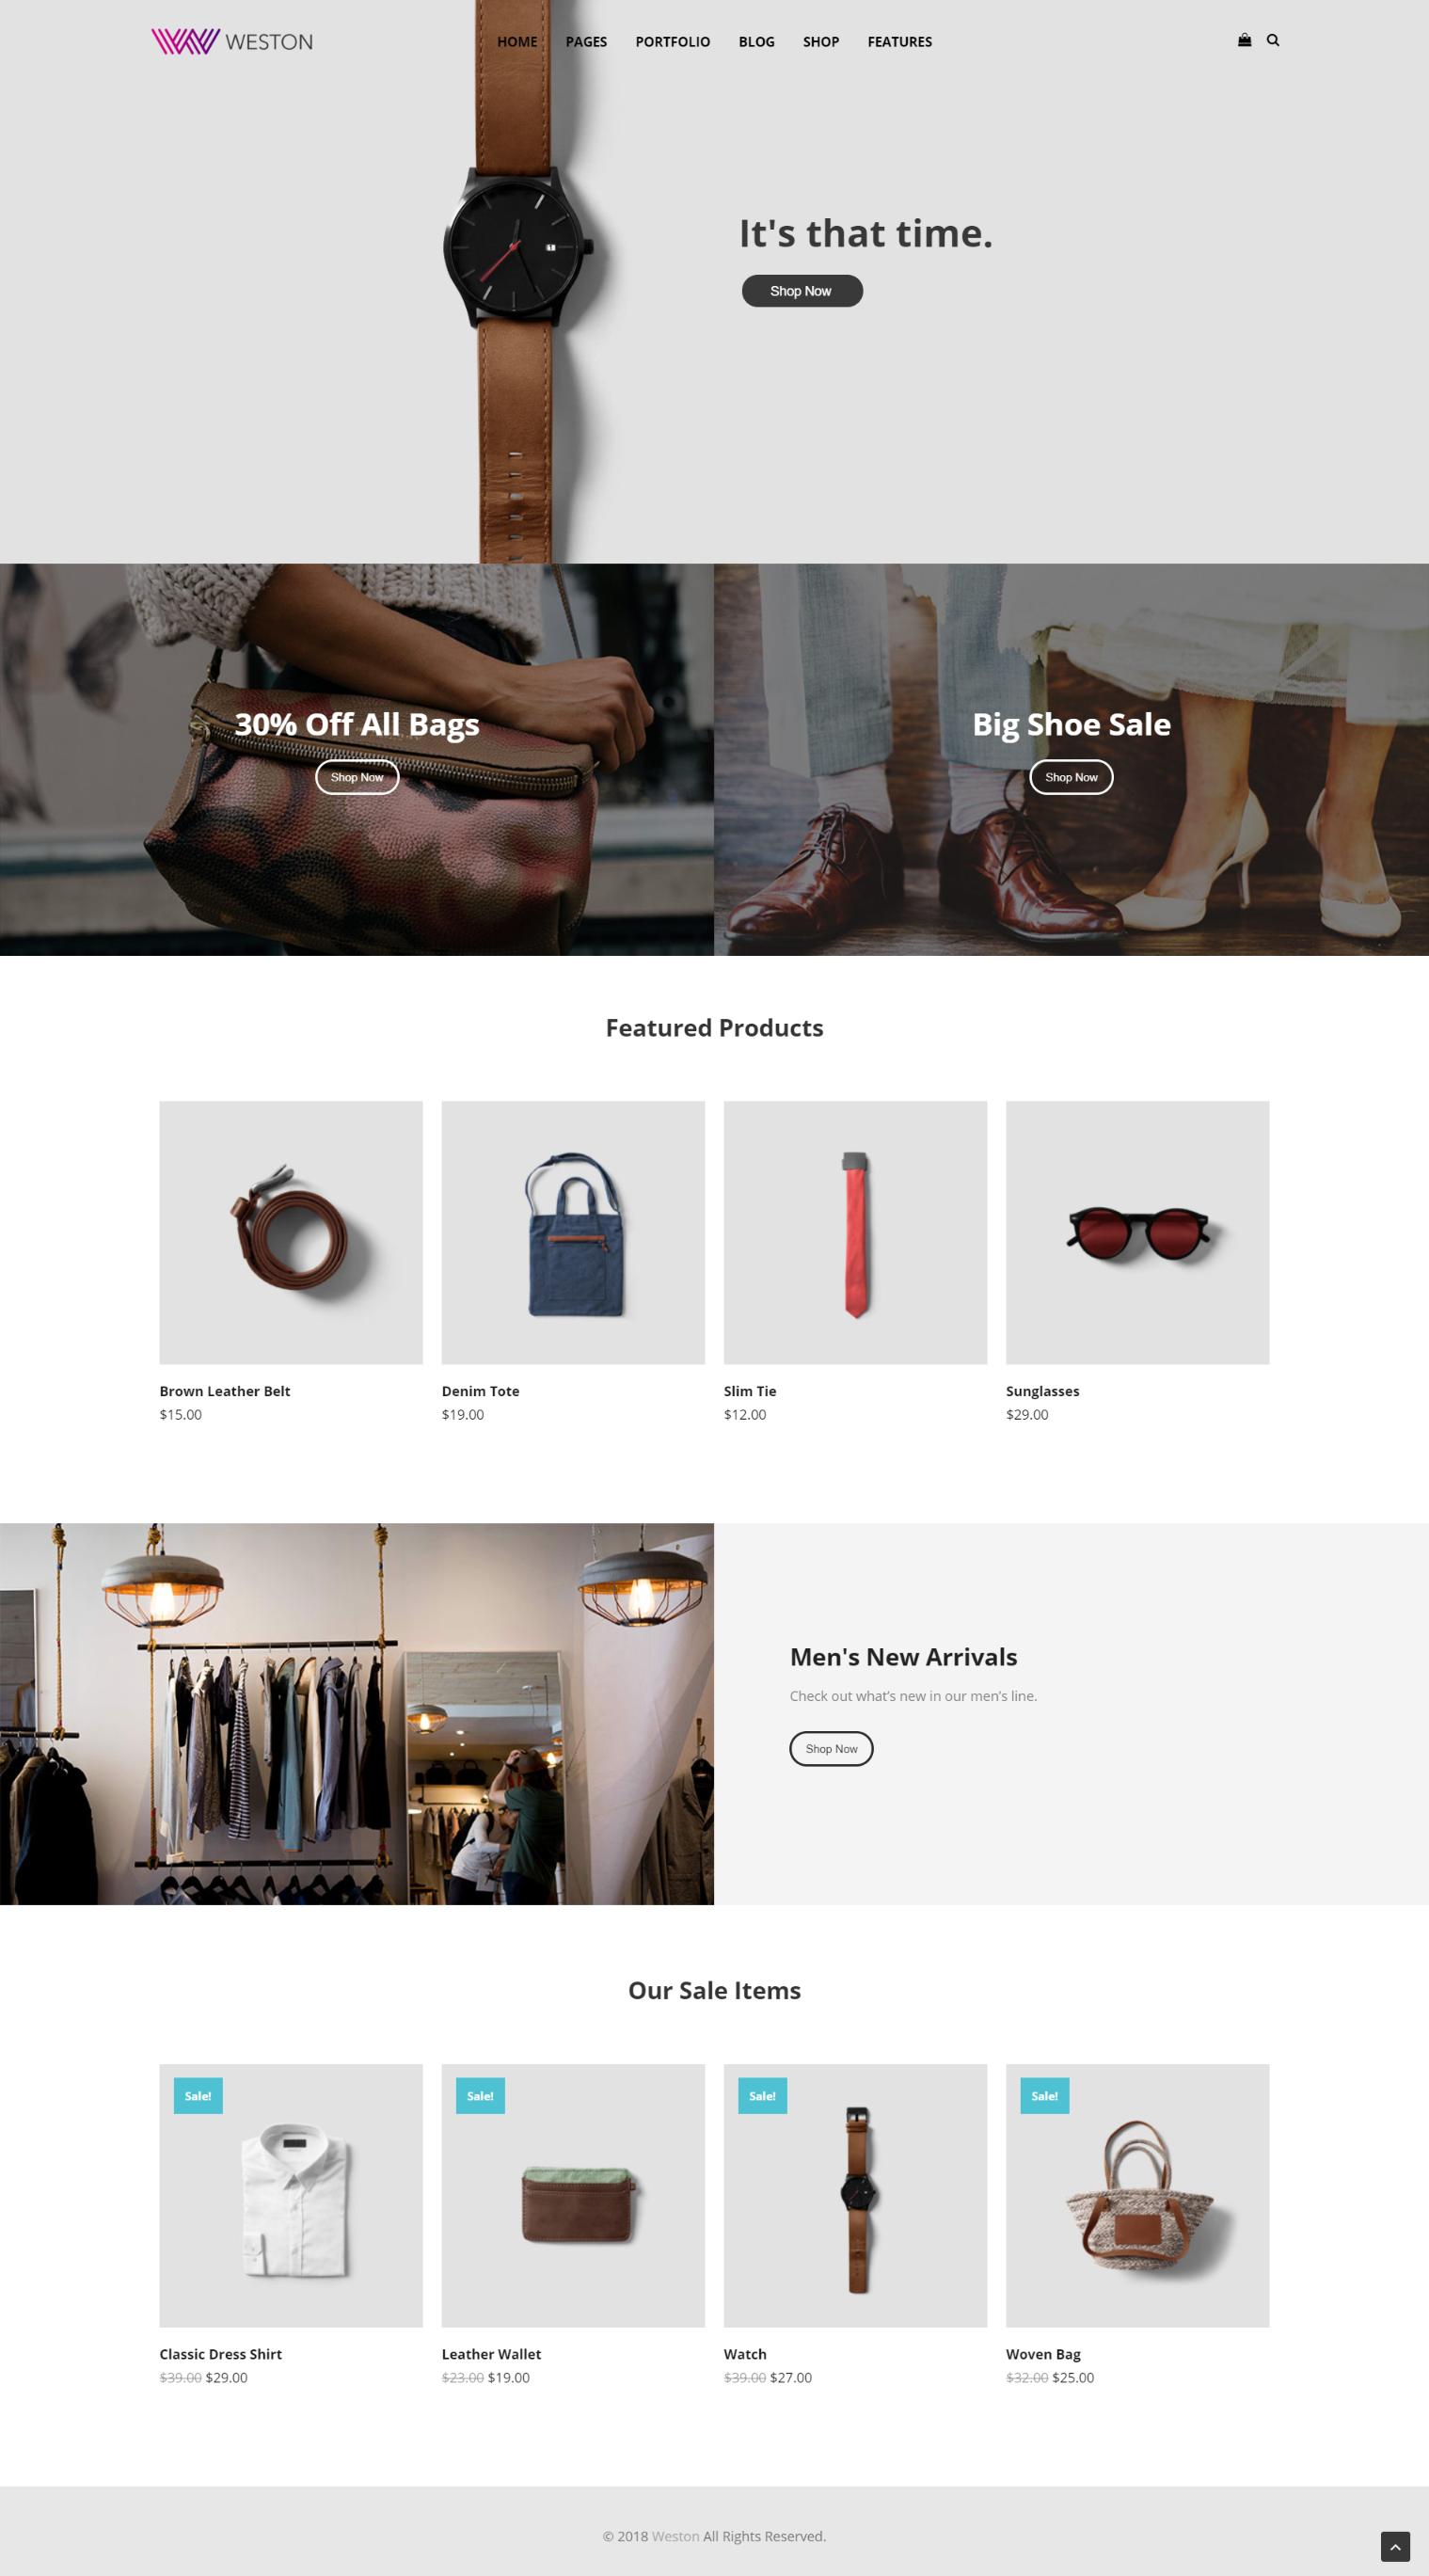 e372a0816b4e Web design and development studio website design inspiration